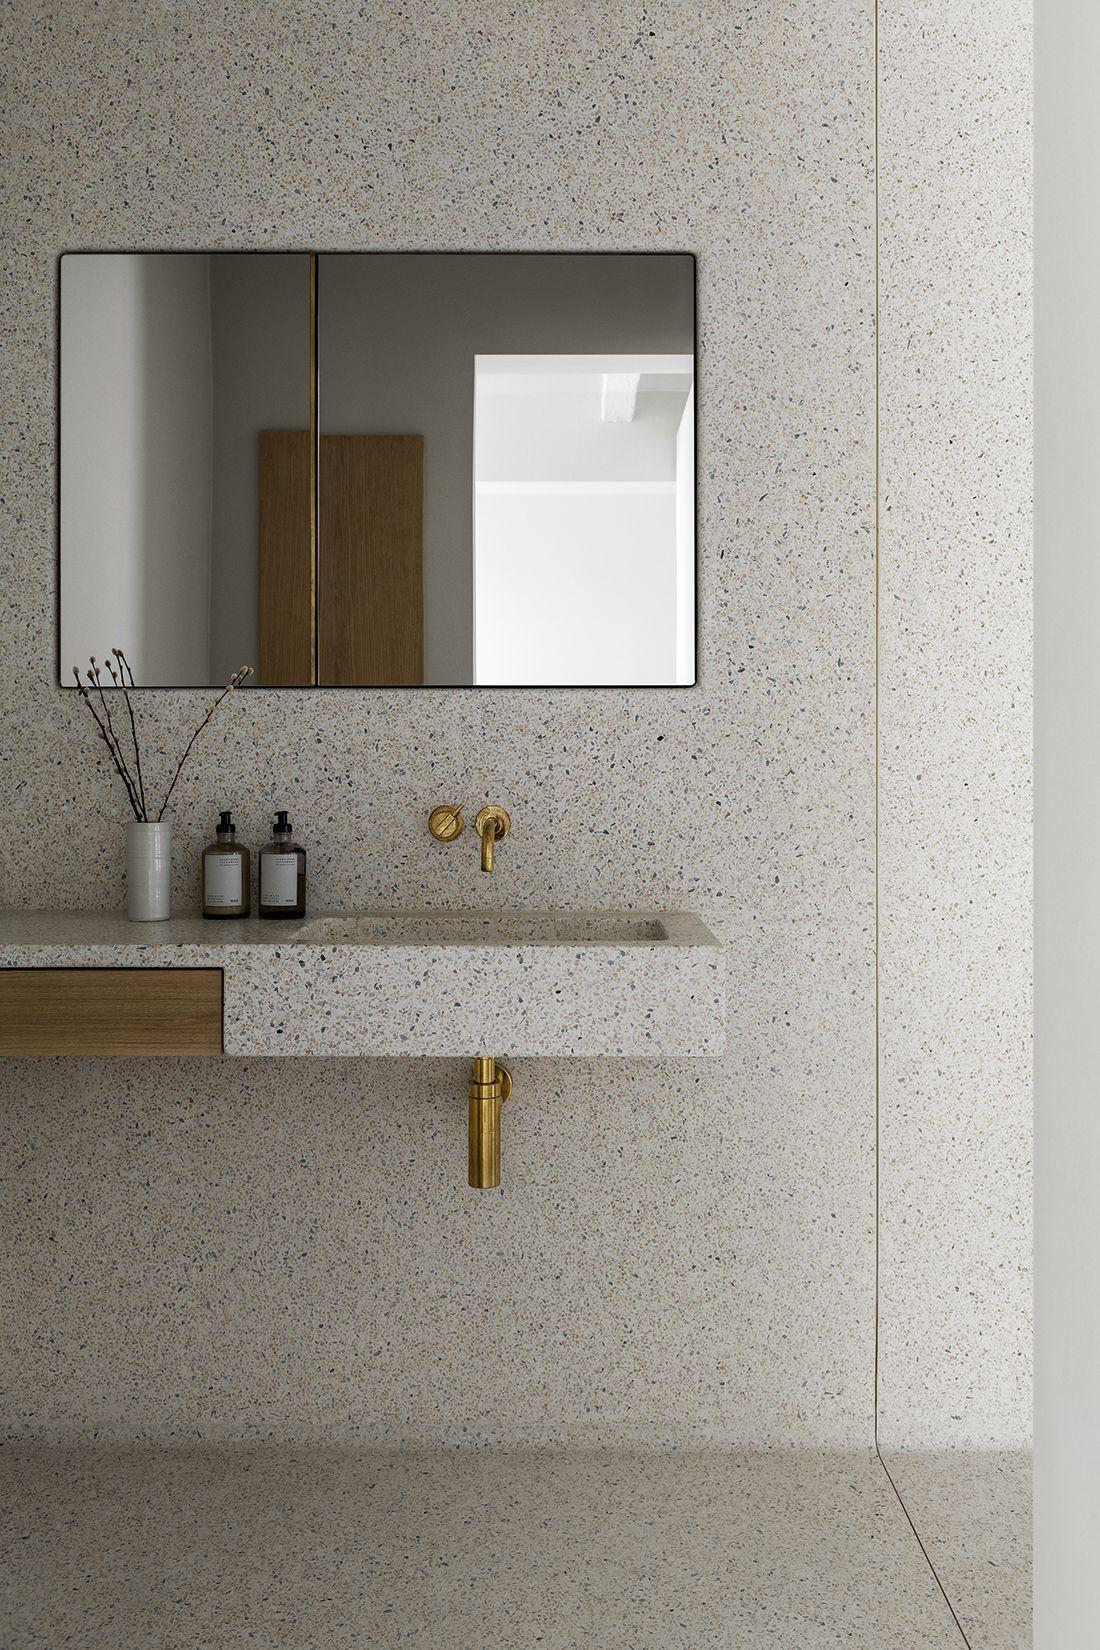 Cheap Bathroom Sets Matching Bathroom Accessories Sets Cheap